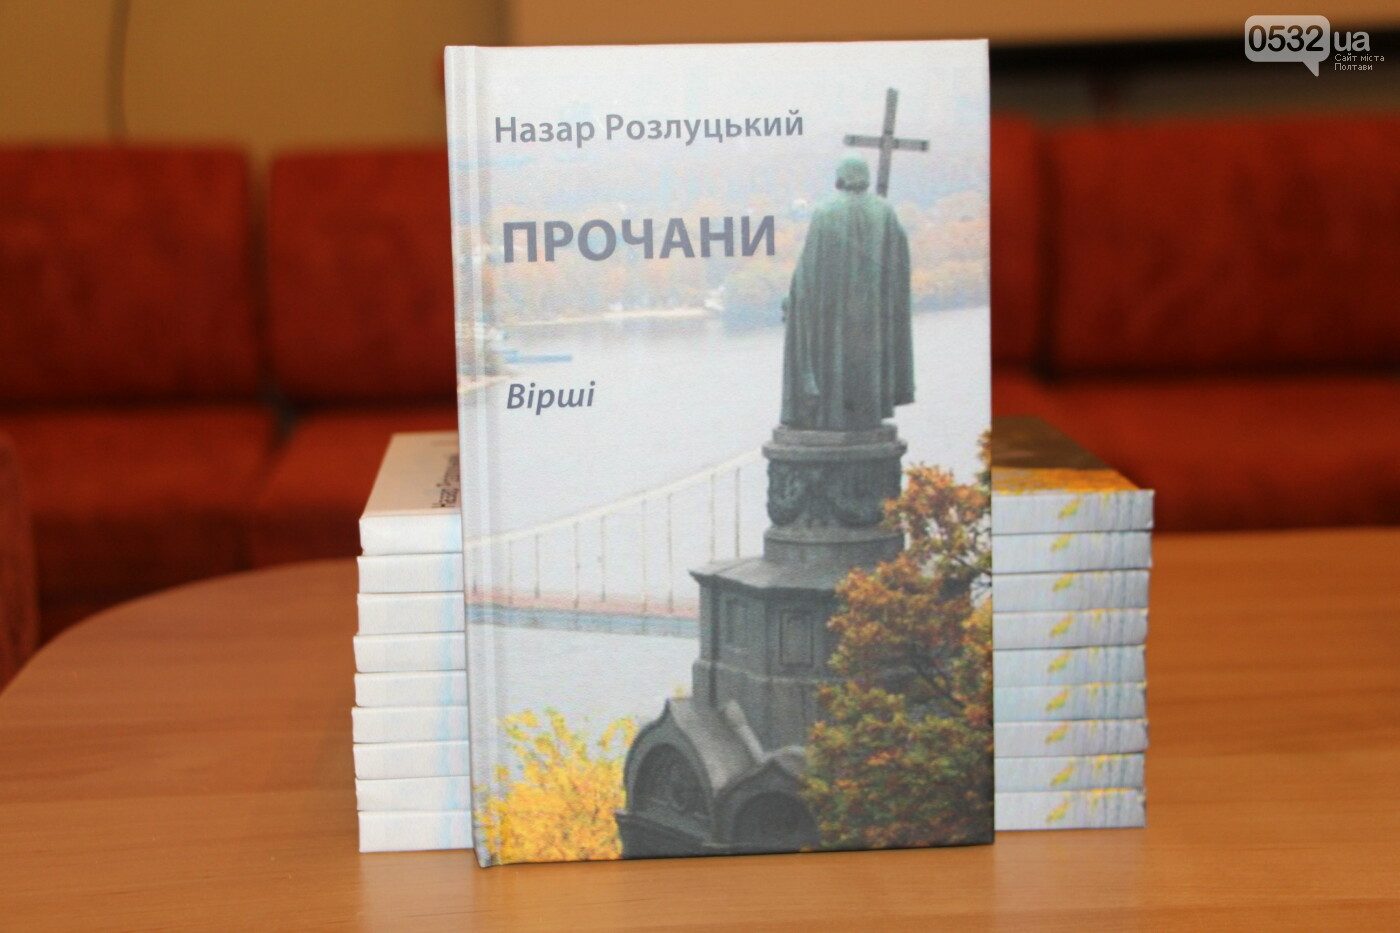 """У Полтаві презентували книгу Назара Розлуцького """"Нотатник мобілізованого"""", фото-2"""